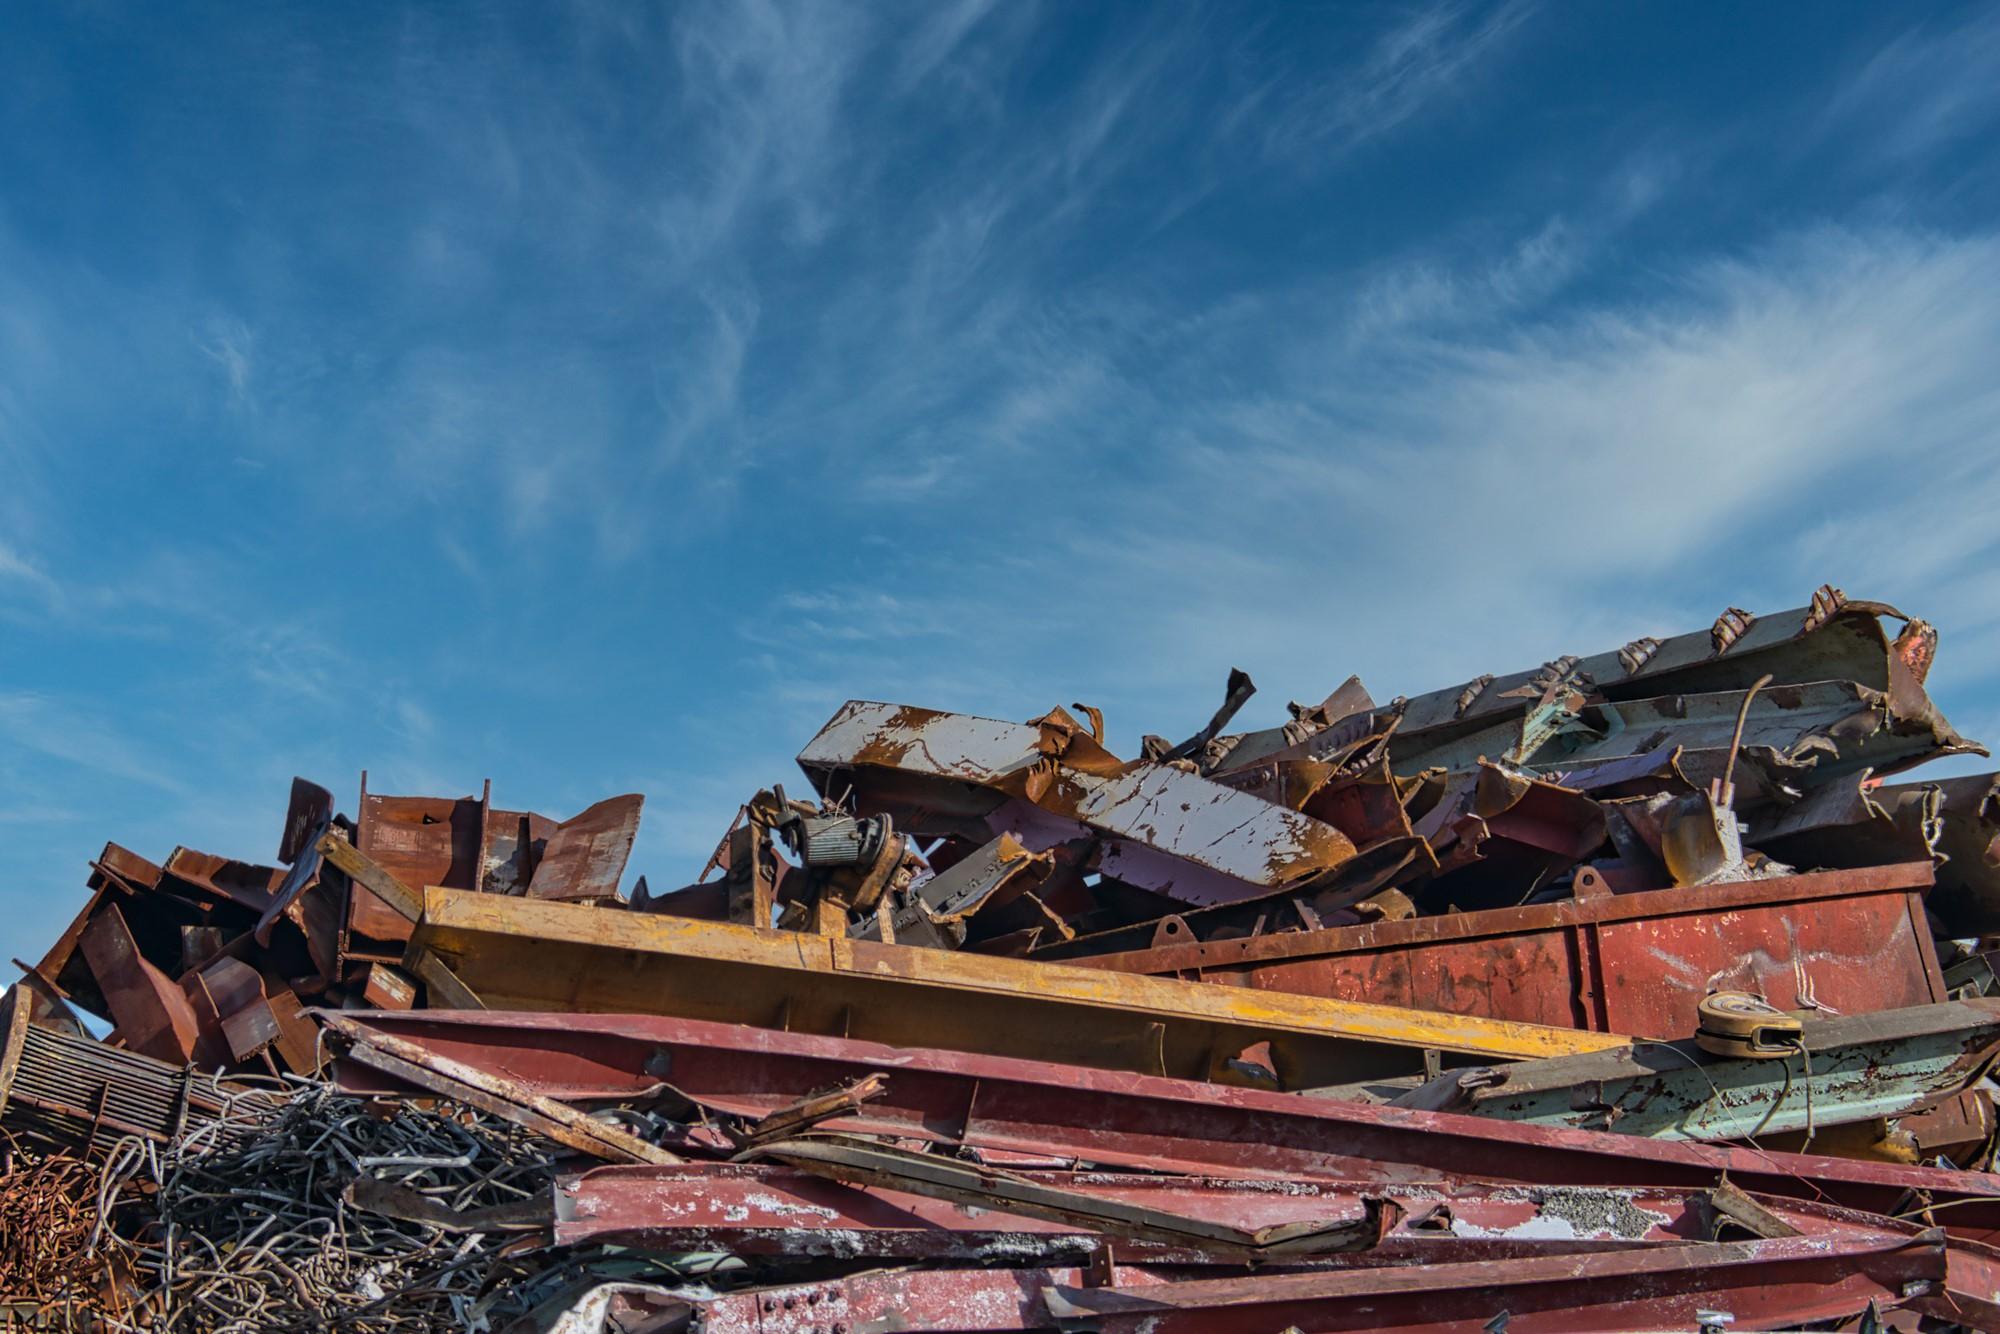 産業廃棄物のマニフェストとは?書類の内容や種類、流れなどを解説